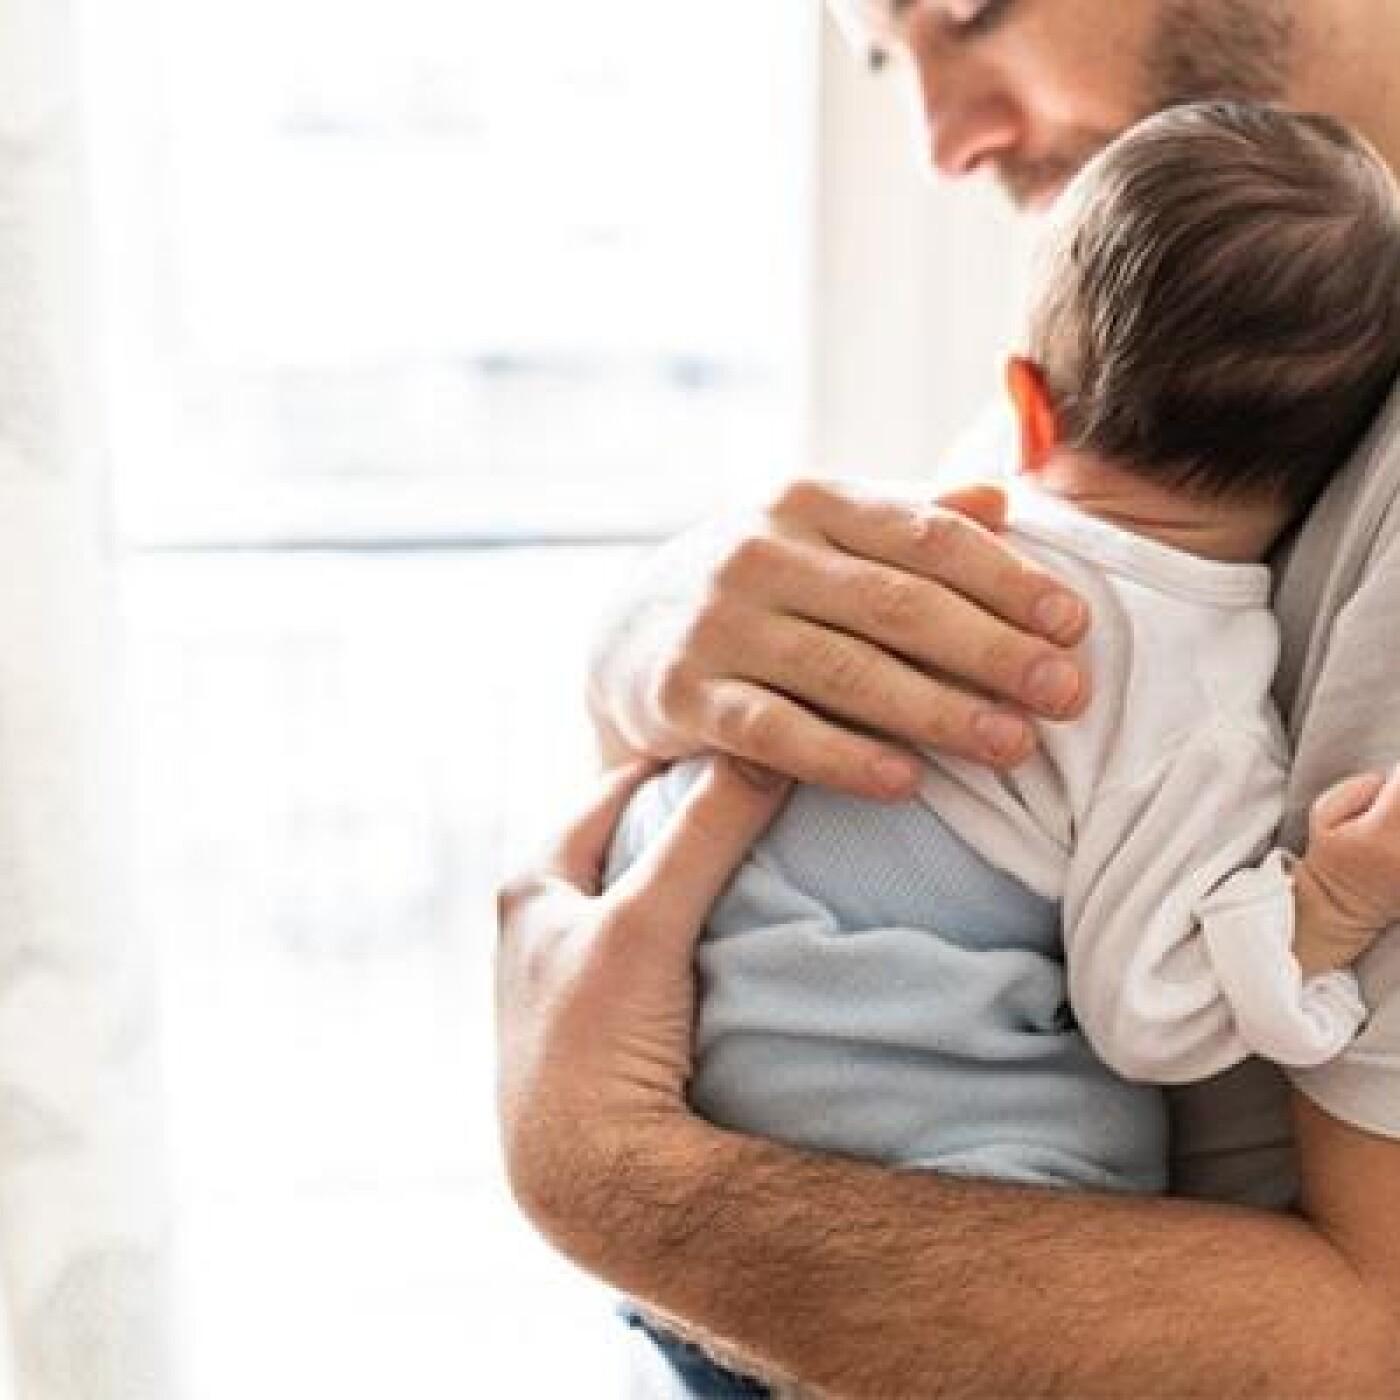 Humeur du jour : Le congé paternité est doublé aujourd'hui - 01 07 2021 - StereoChic Radio